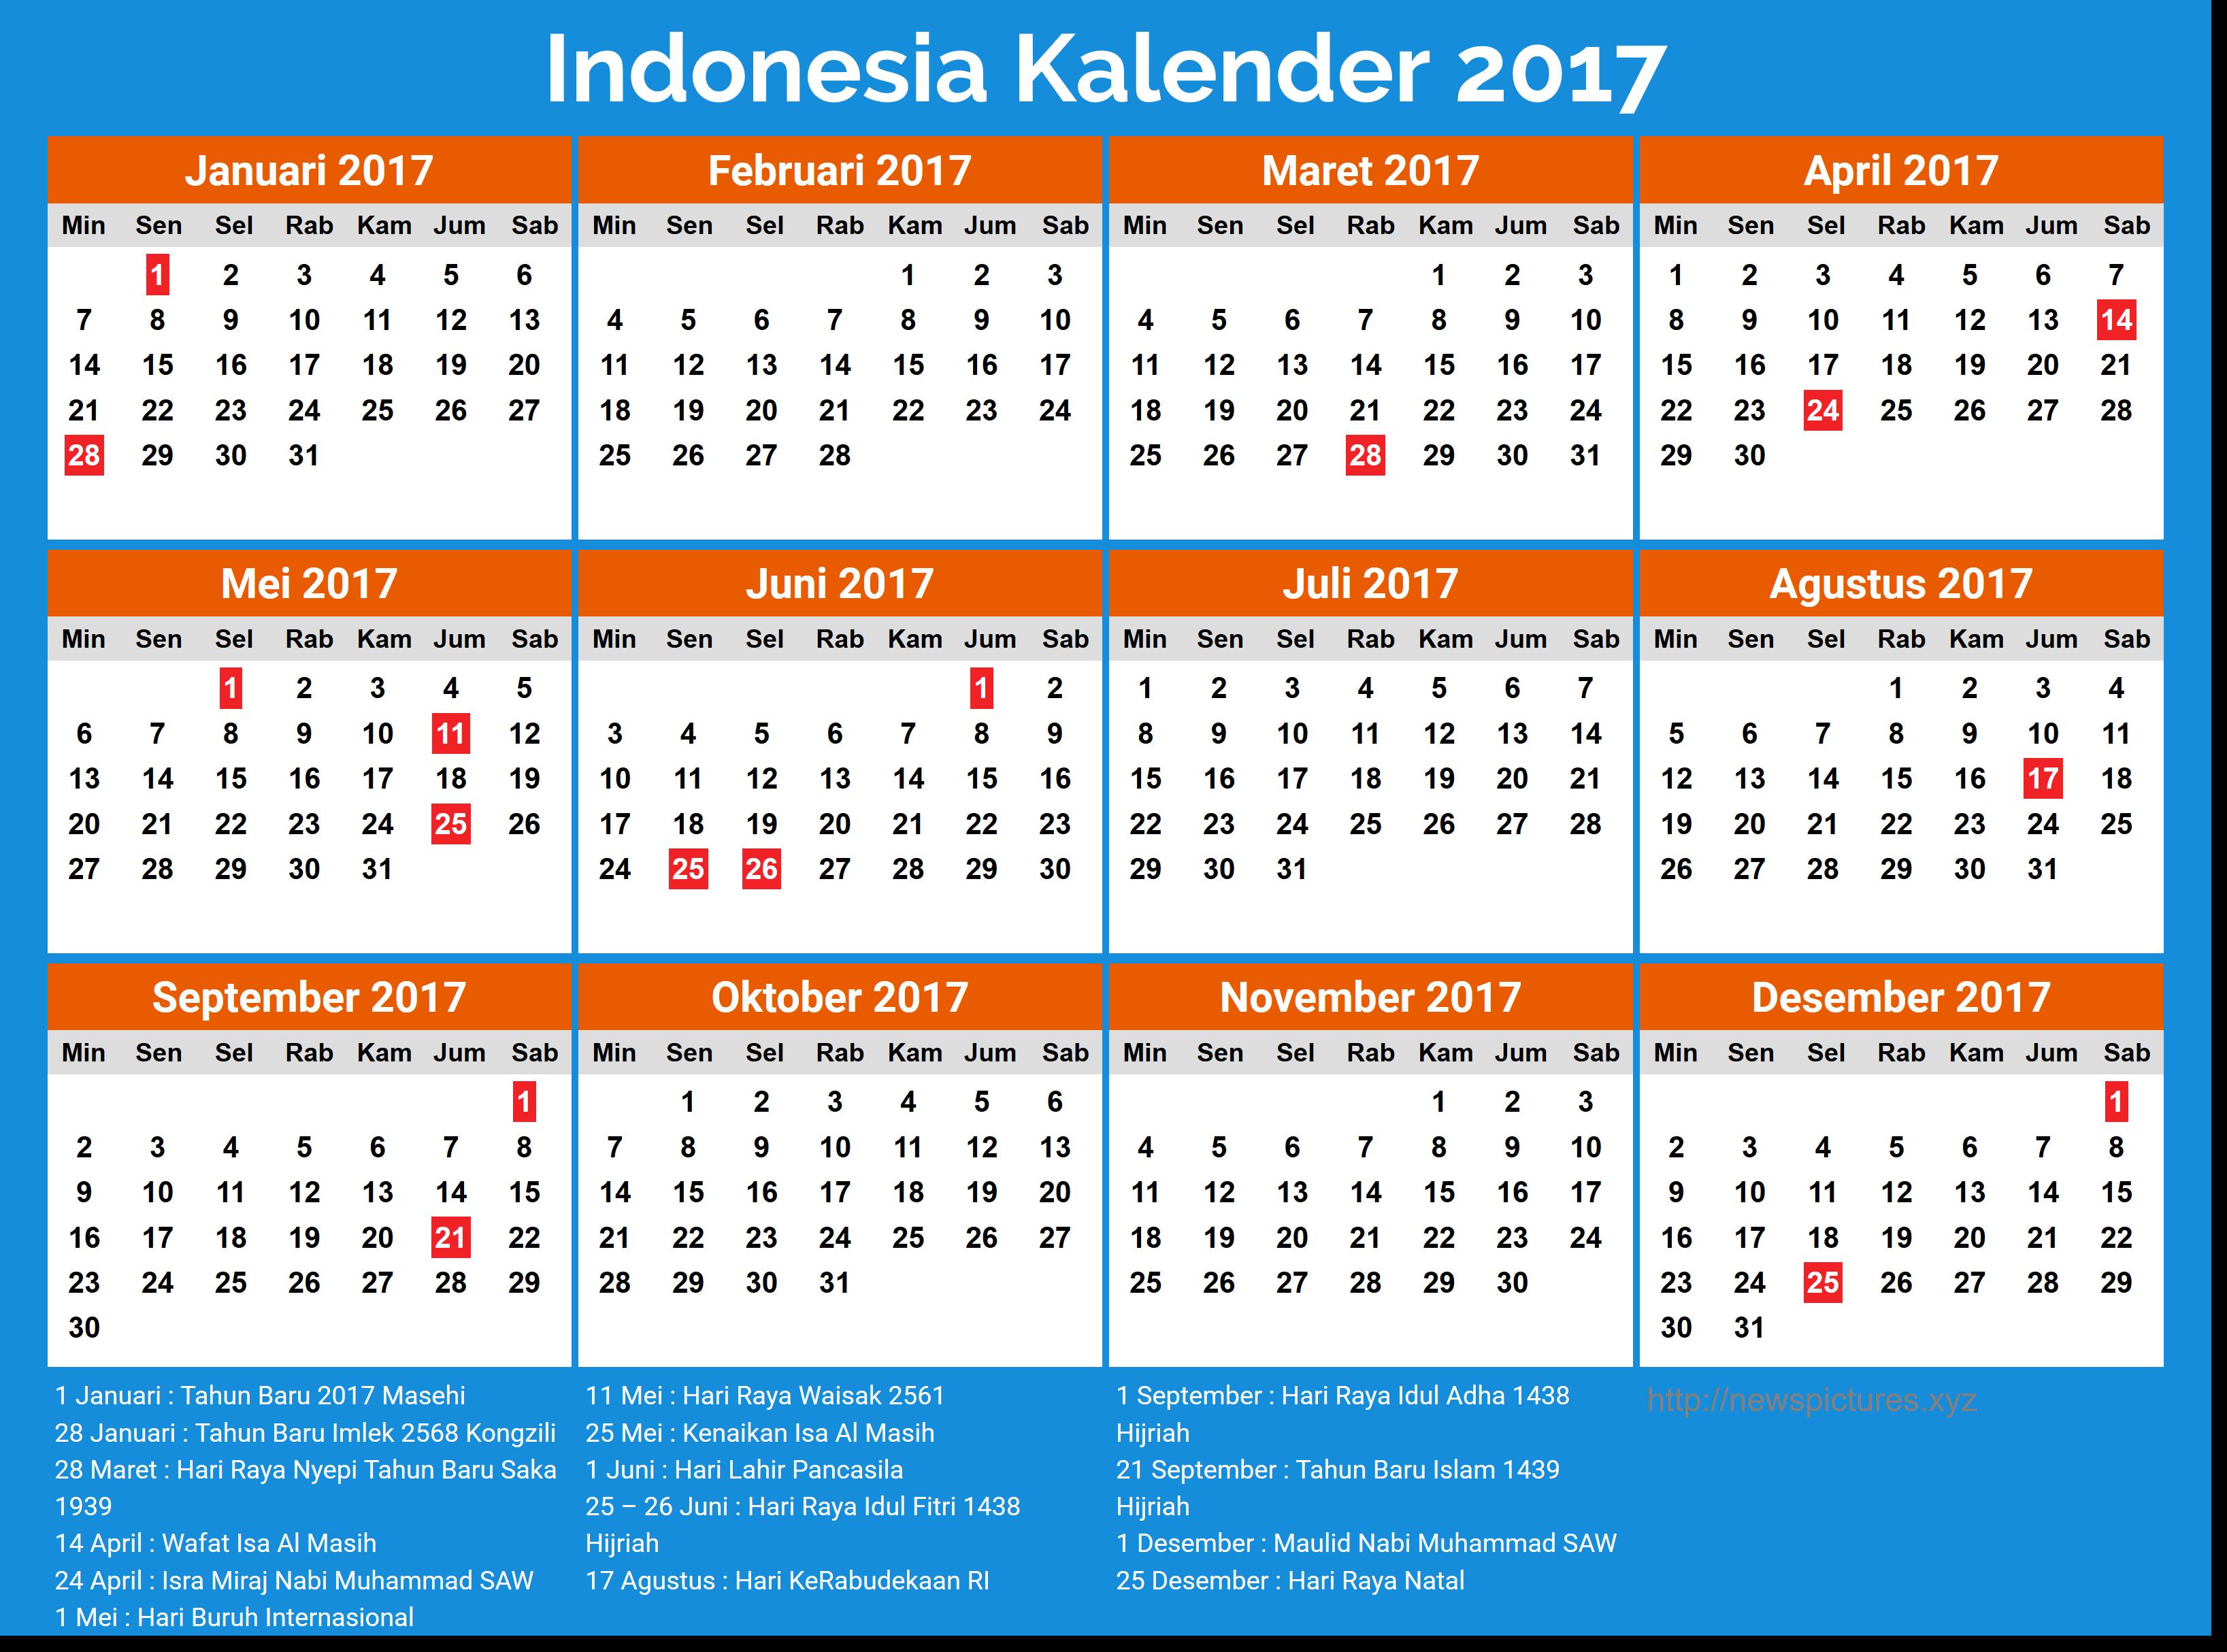 Advertising Balikpapan Jasa Produksi Neon Box Toko Kalender Neon Huruf